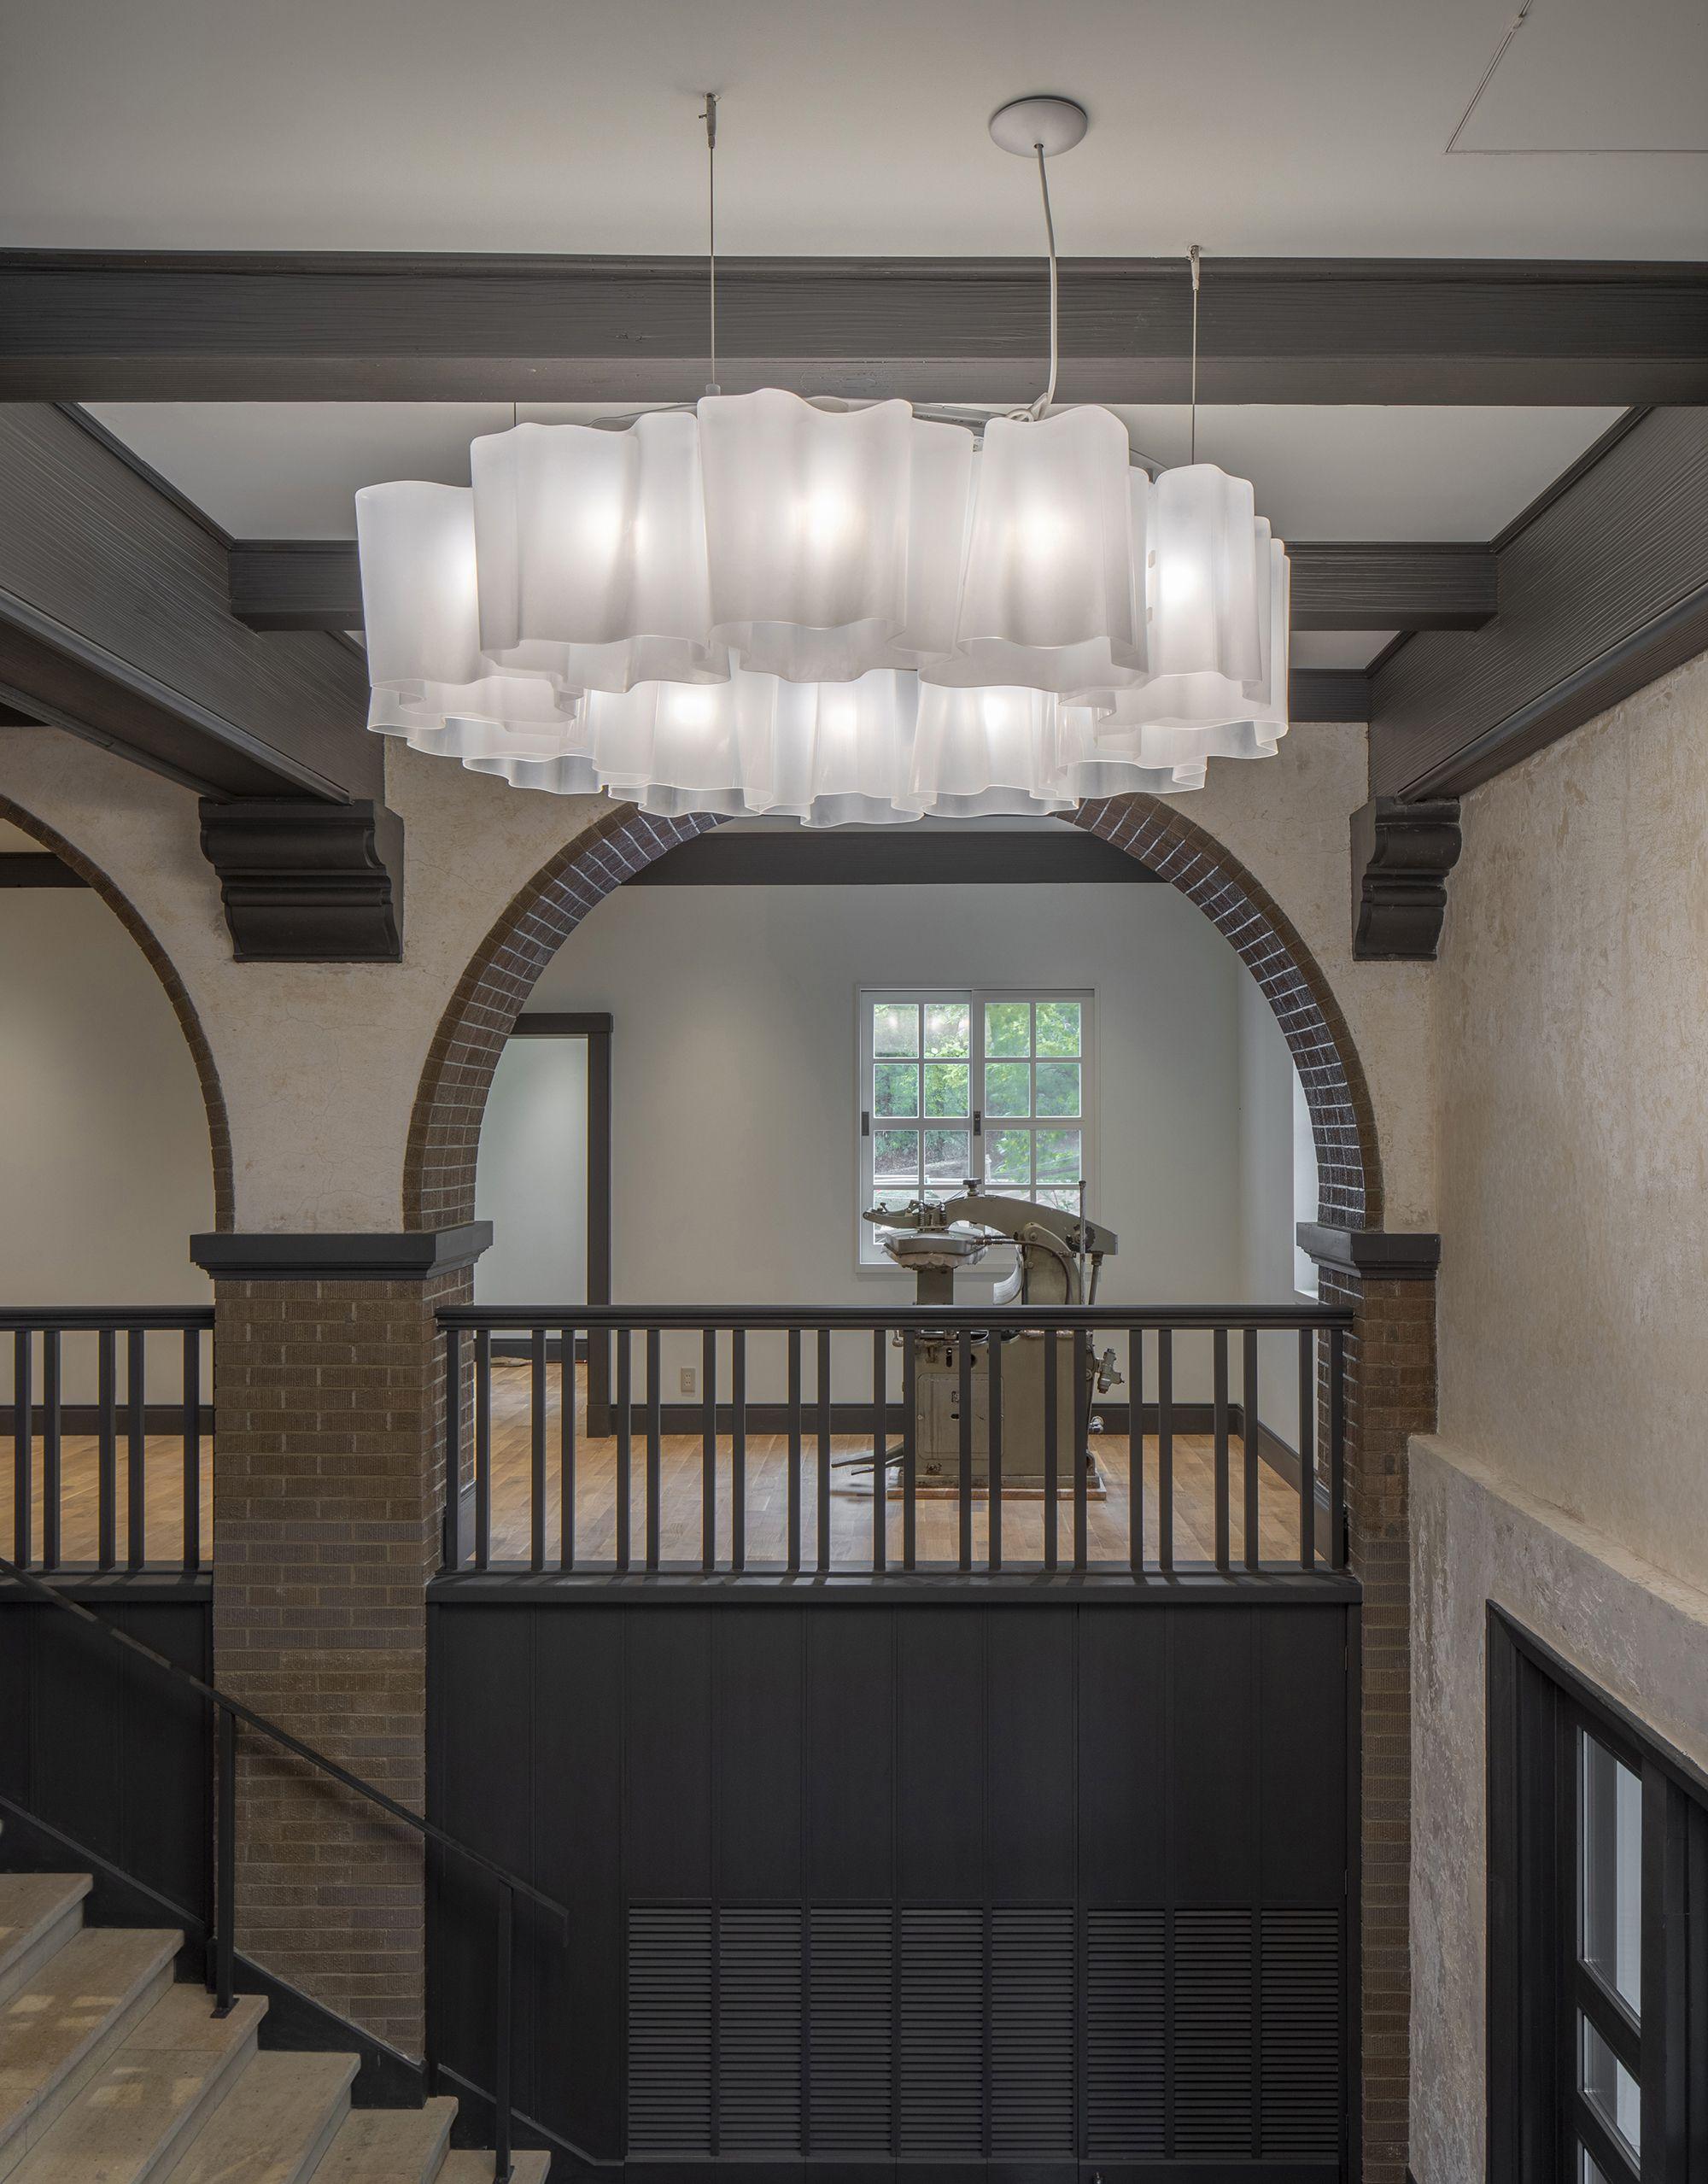 旧館エントランス、柔らかな曲線のフォルムとつや消しのクラフトガラスが印象的な照明「ロジコ」は、イタリアを代表する照明メーカーのアルテミデ社とミケーレ・デ・ルッキの コラボレーションによって生まれた名作。©️Rokkosan silence resort